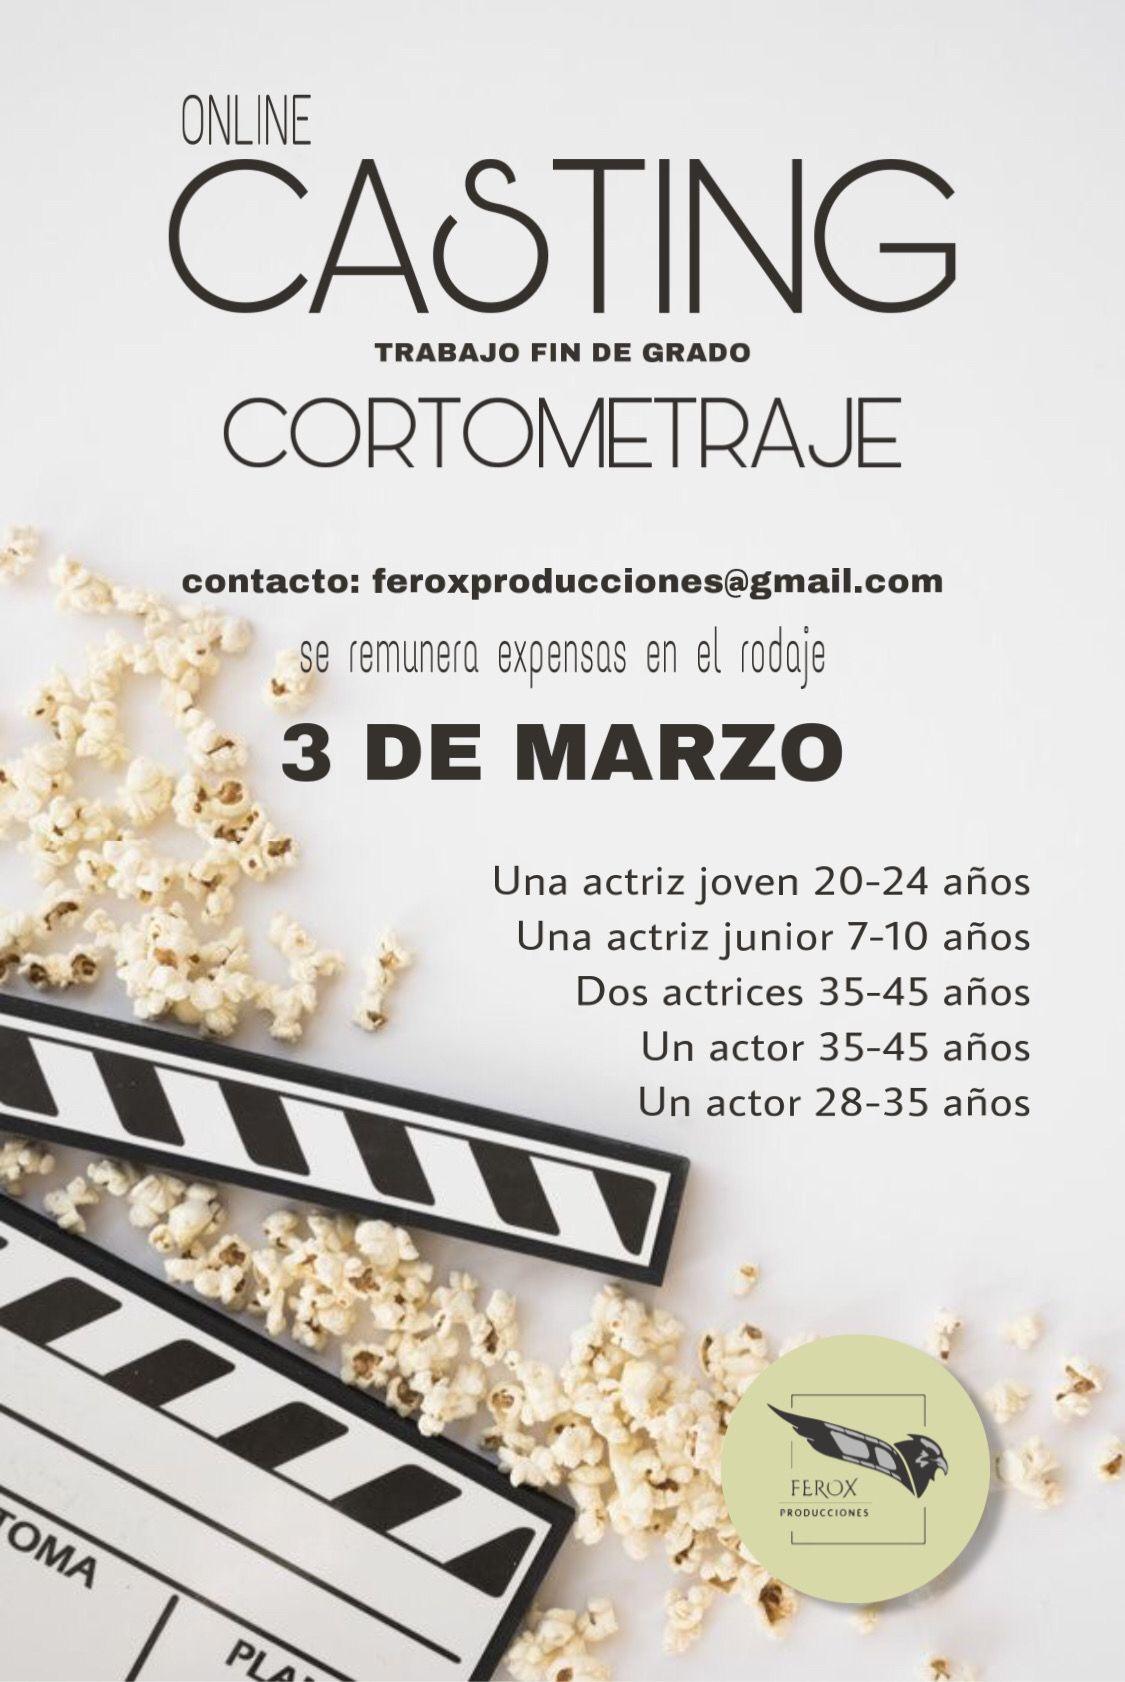 Actor de 28 a 35 años para TRABAJO DE FIN DE GRADO en Madrid